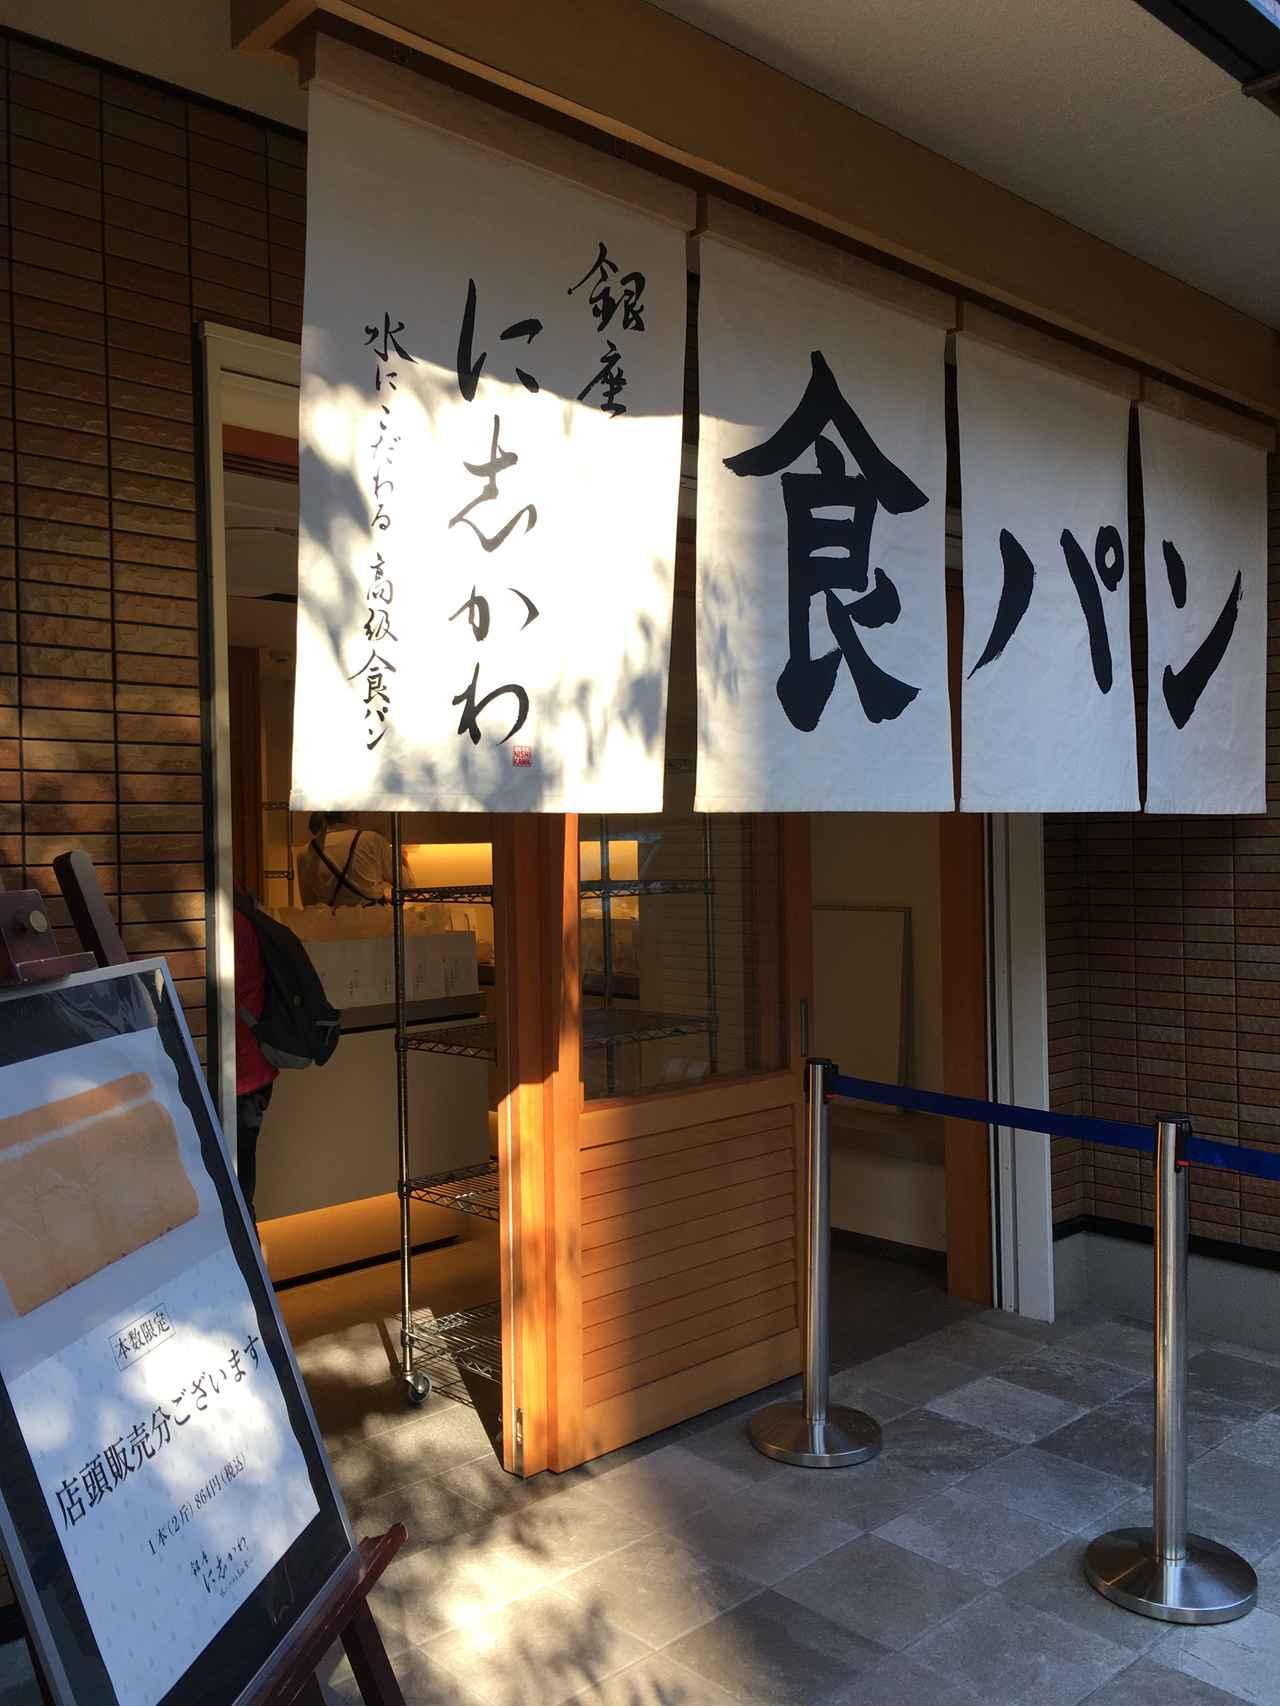 画像: 話題の高級食パンの店 銀座「に志かわ」は、三軒茶屋駅近くに店舗を構えている。街を散策して、寄り道するのがグルメラリーの醍醐味。筆者も、話題の生食パンを購入。